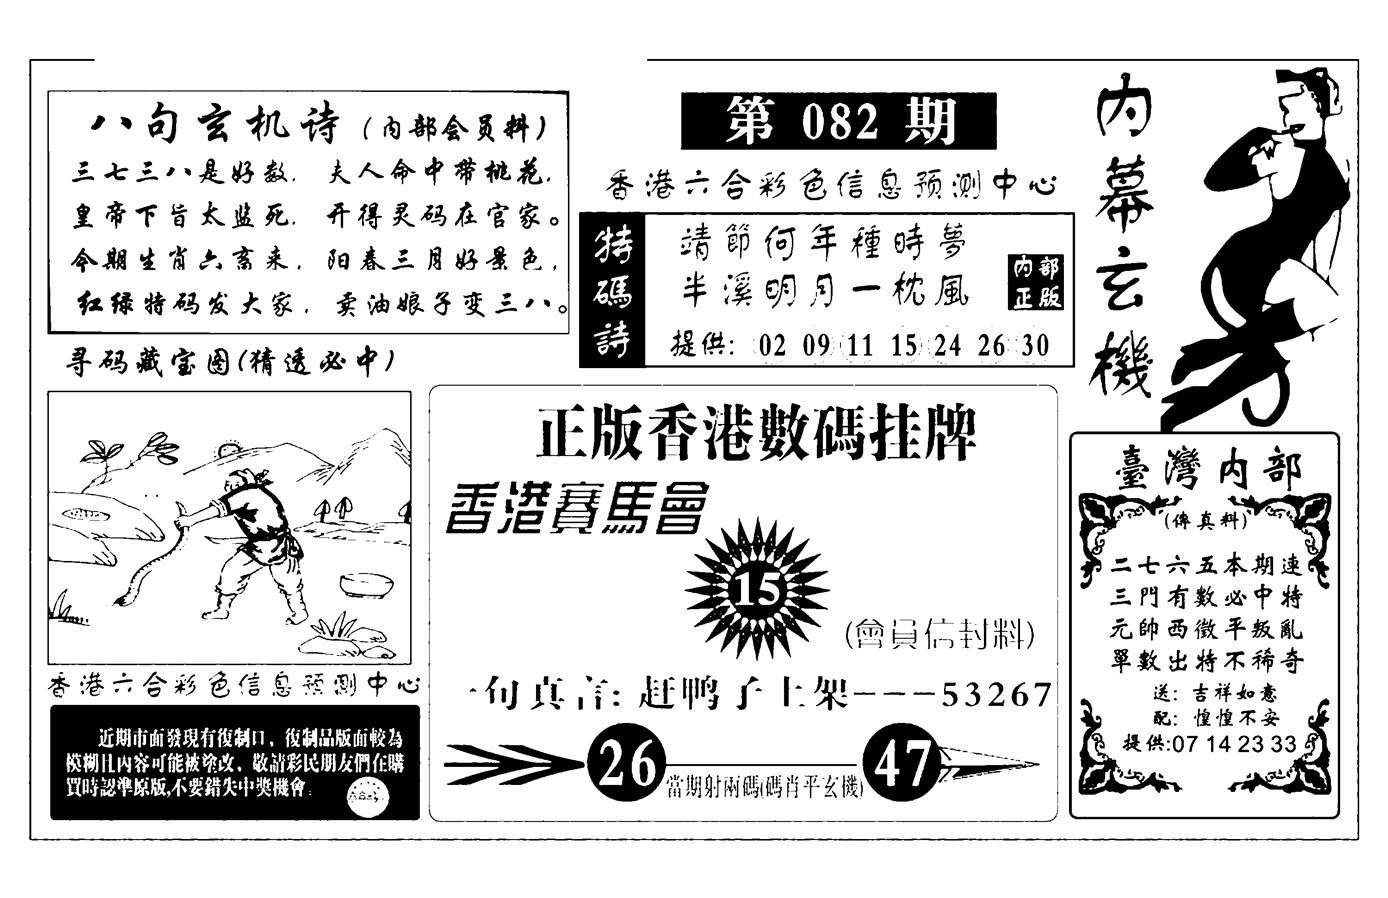 082期内幕玄机报(黑白)